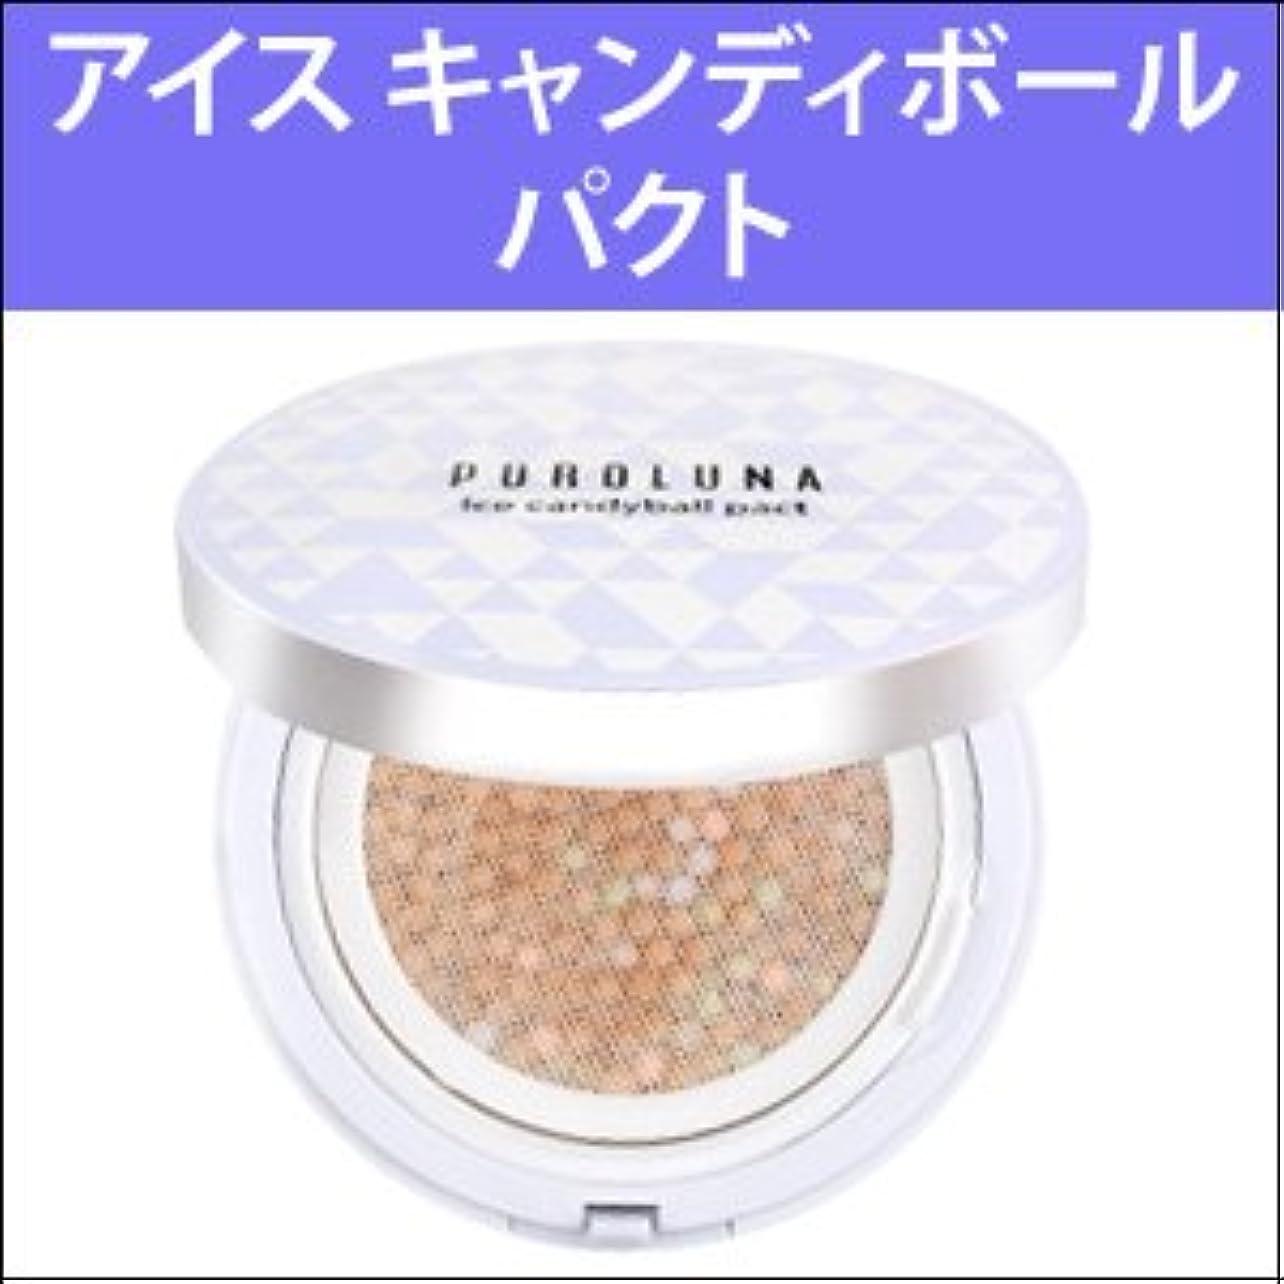 聴衆ピアノ侵入『PUROLUNA?プロルナ』 アイス キャンディボール パクト(SPF50+/PA+++) カラー:1号 バニラ